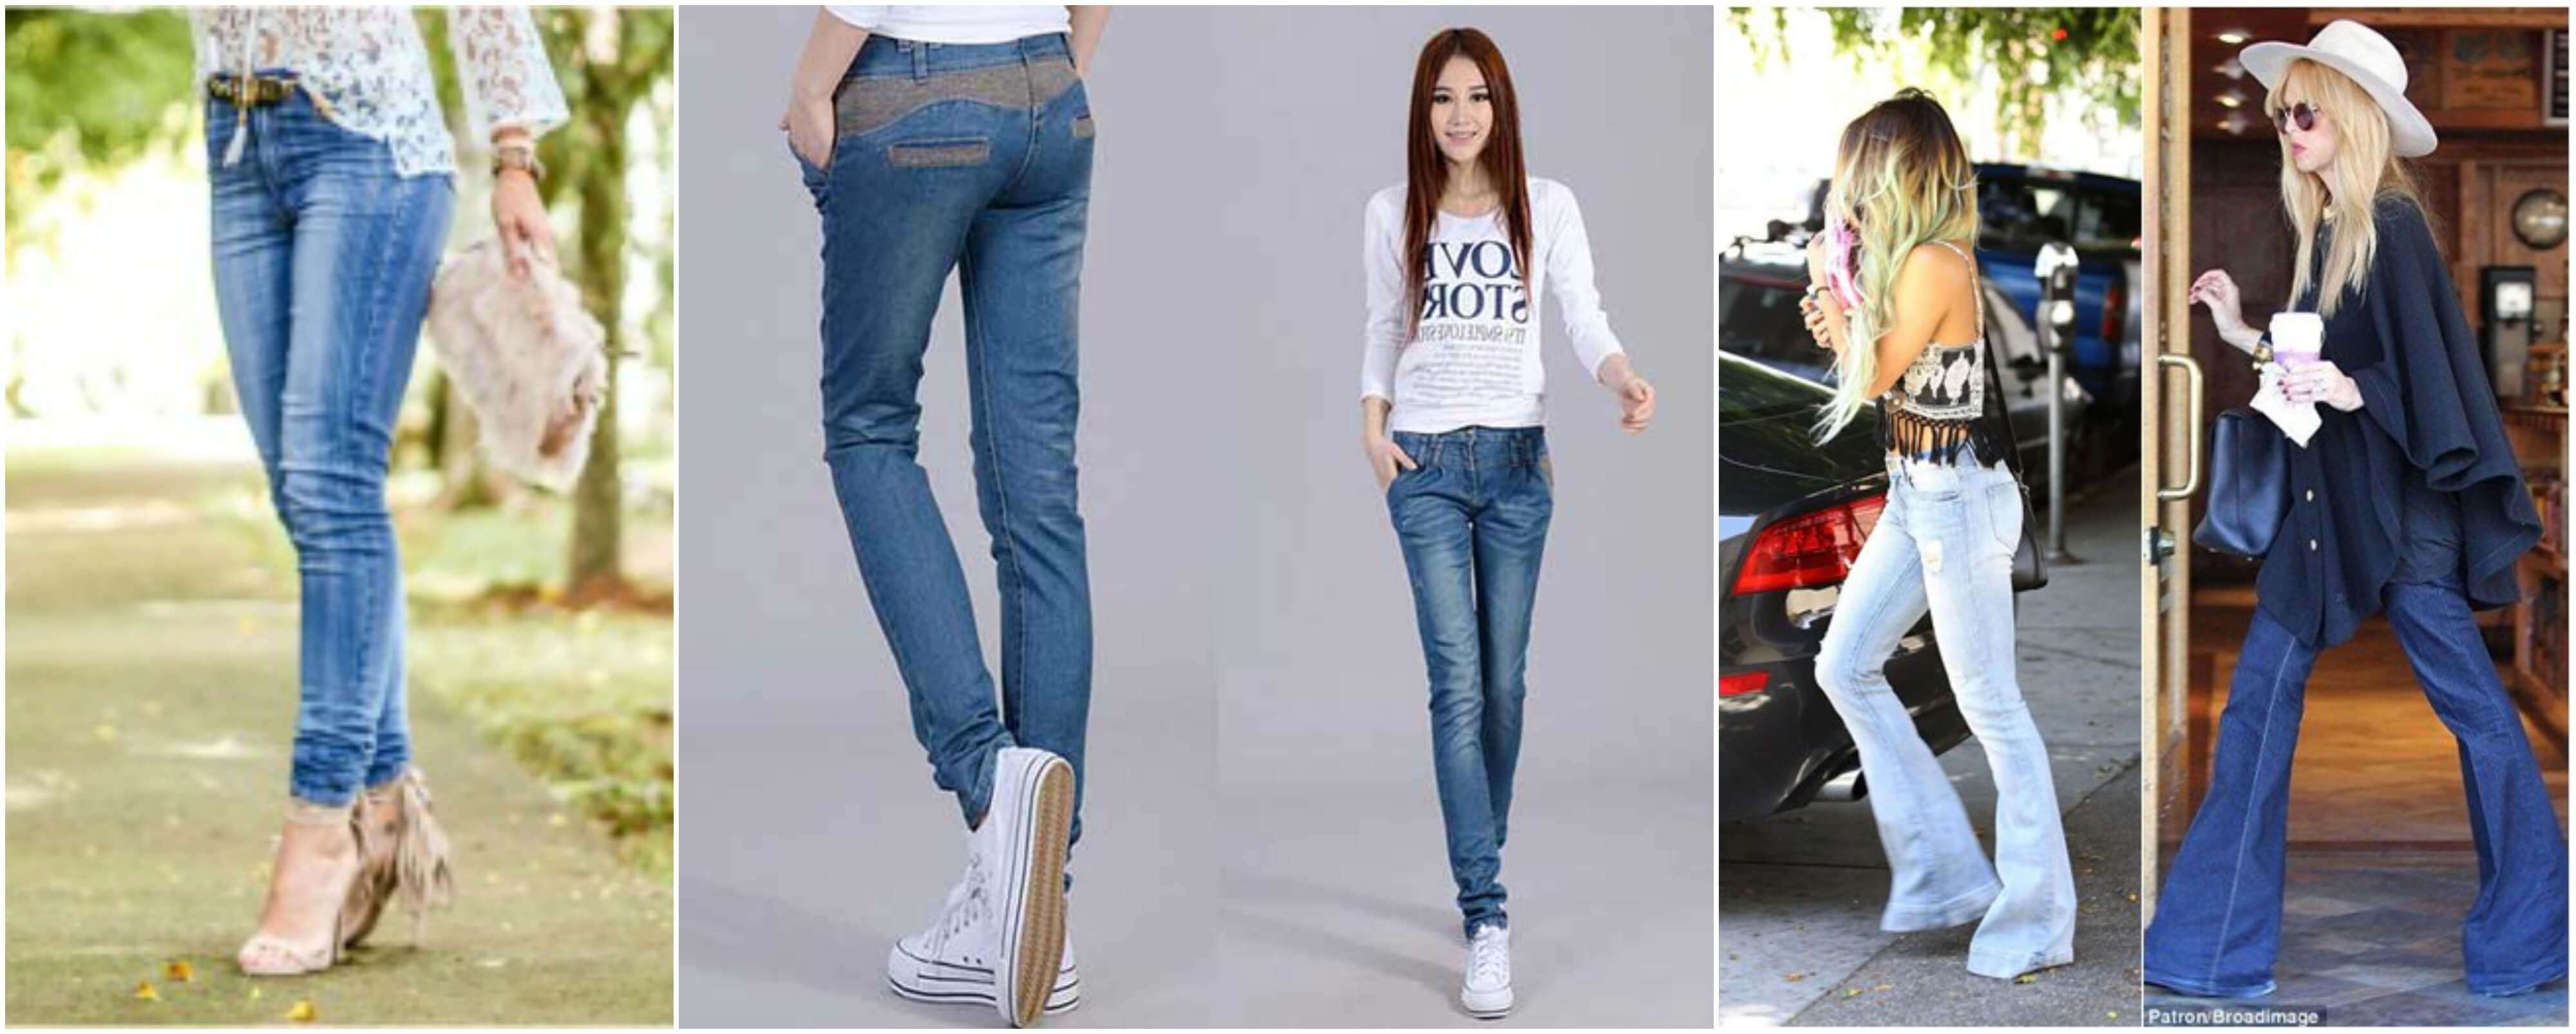 c80739e1f Um dos maiores erros na moda é não fazer a barra da calça, principalmente  as calças flare ou pantalona precisam estar um dedo apenas acima do chão,  ...